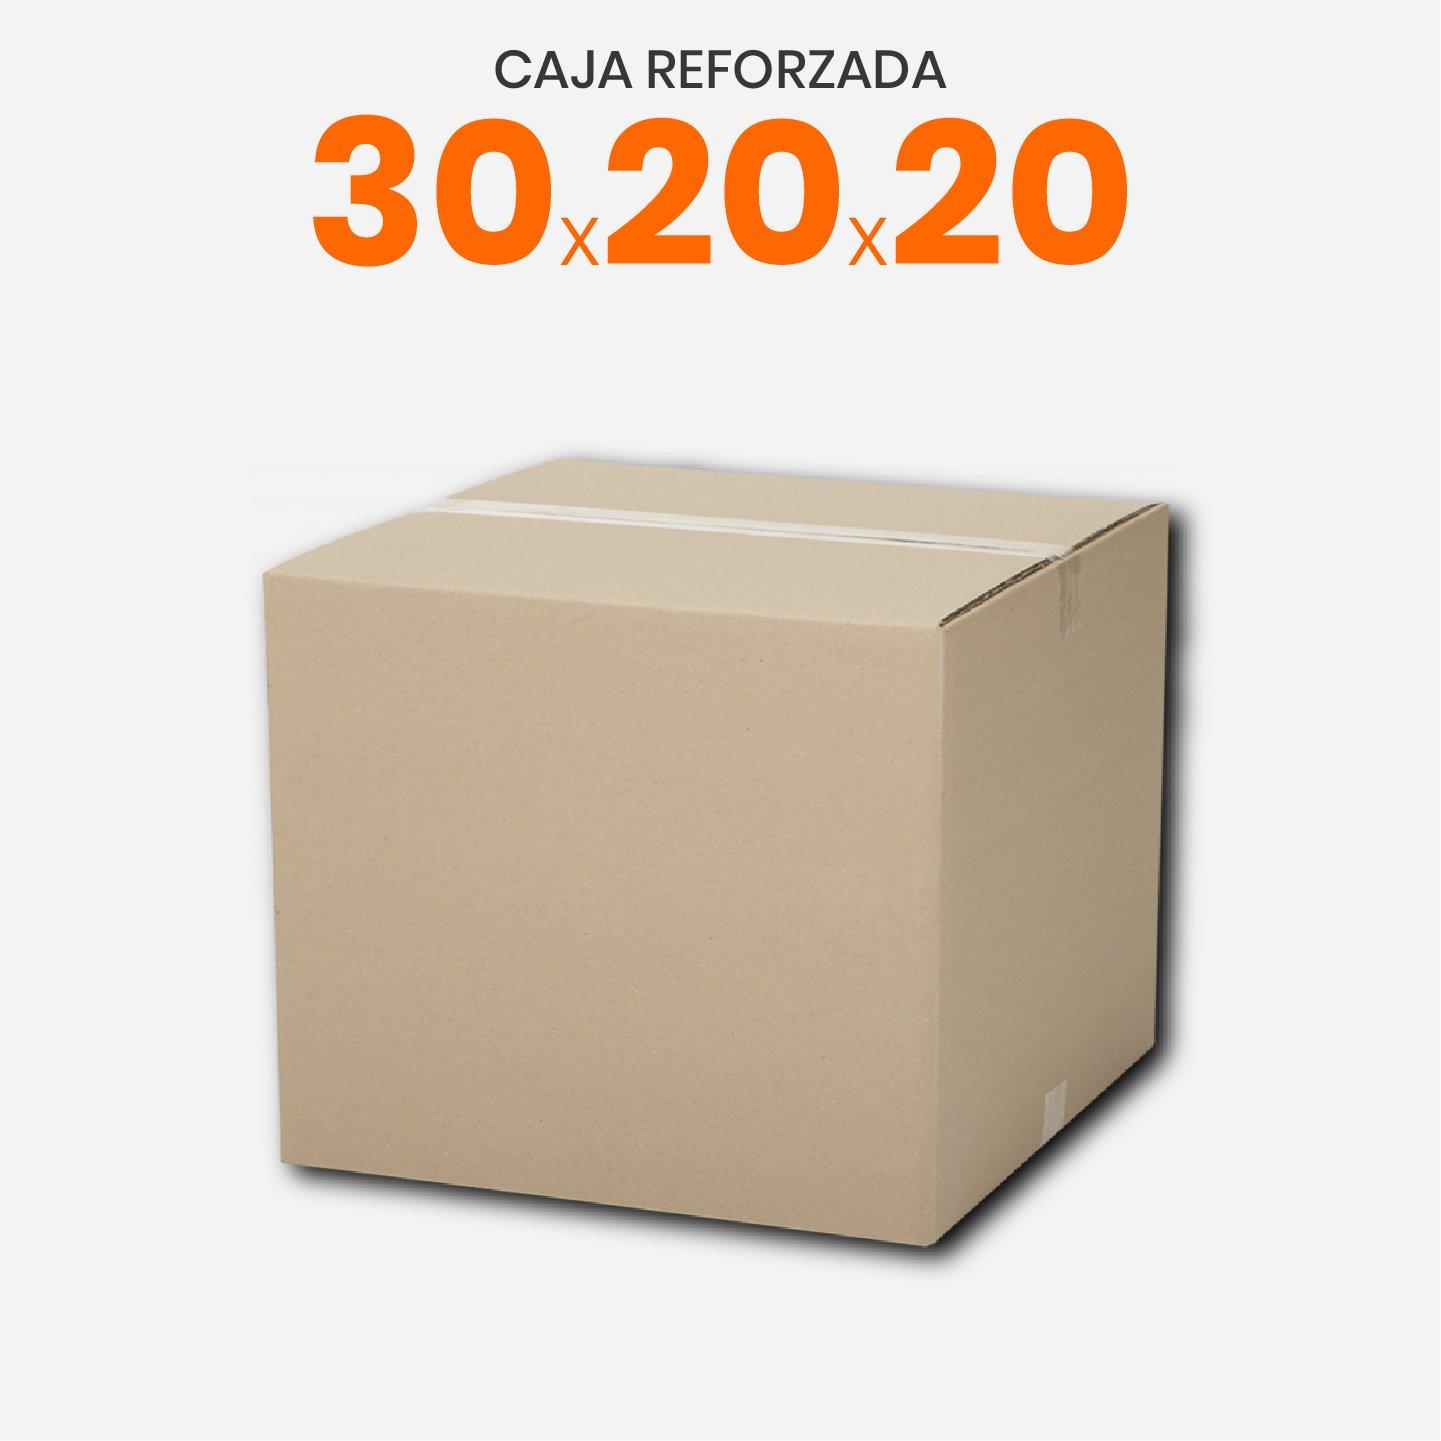 Caja De Cartón Corrugado Reforzada 30x20x20